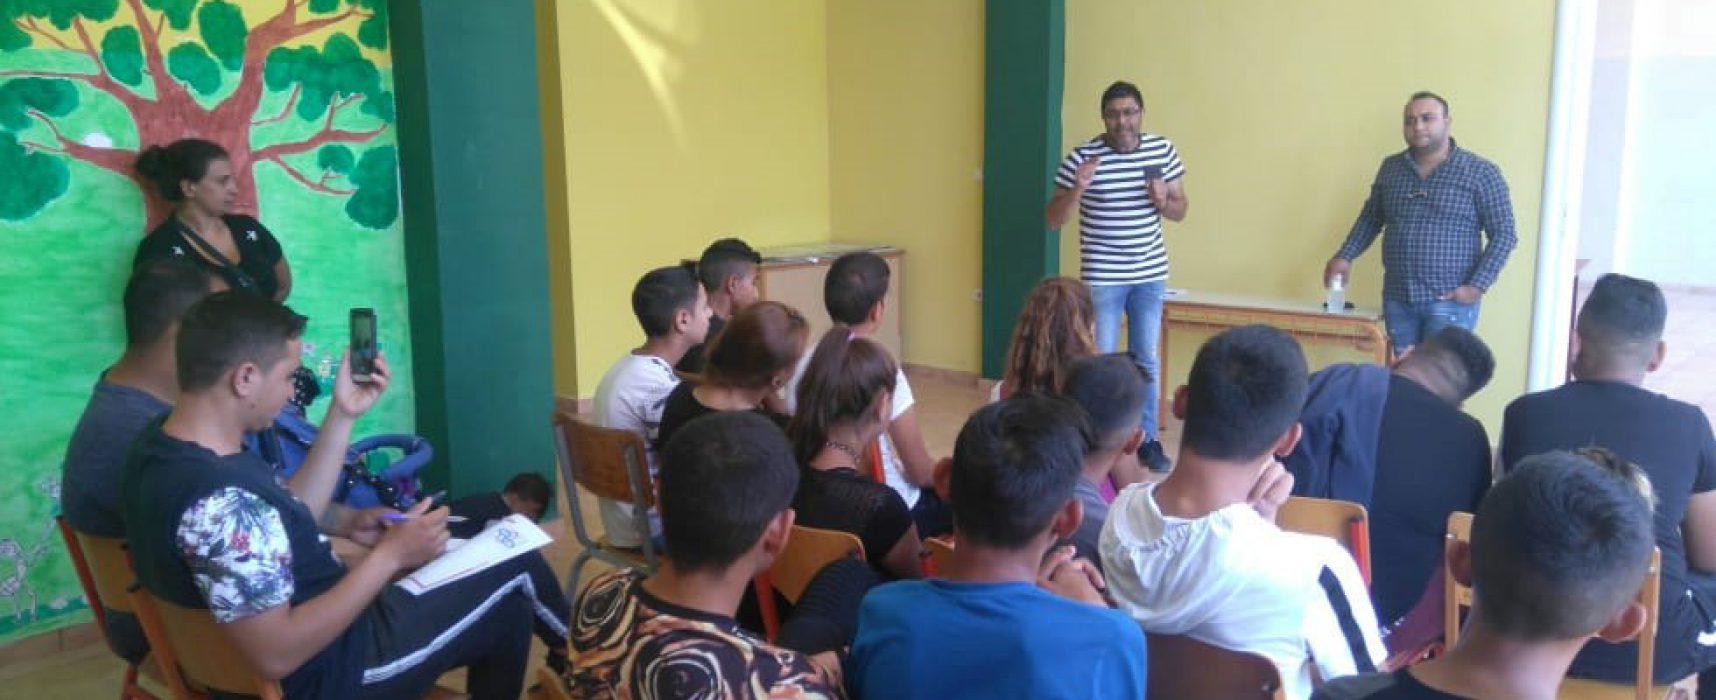 Δράση Επαγγελματικού Πρoσανατολισμού στο Παράρτημα Ρομά του Κέντρου Κοινότητας του Δήμου Σοφάδων